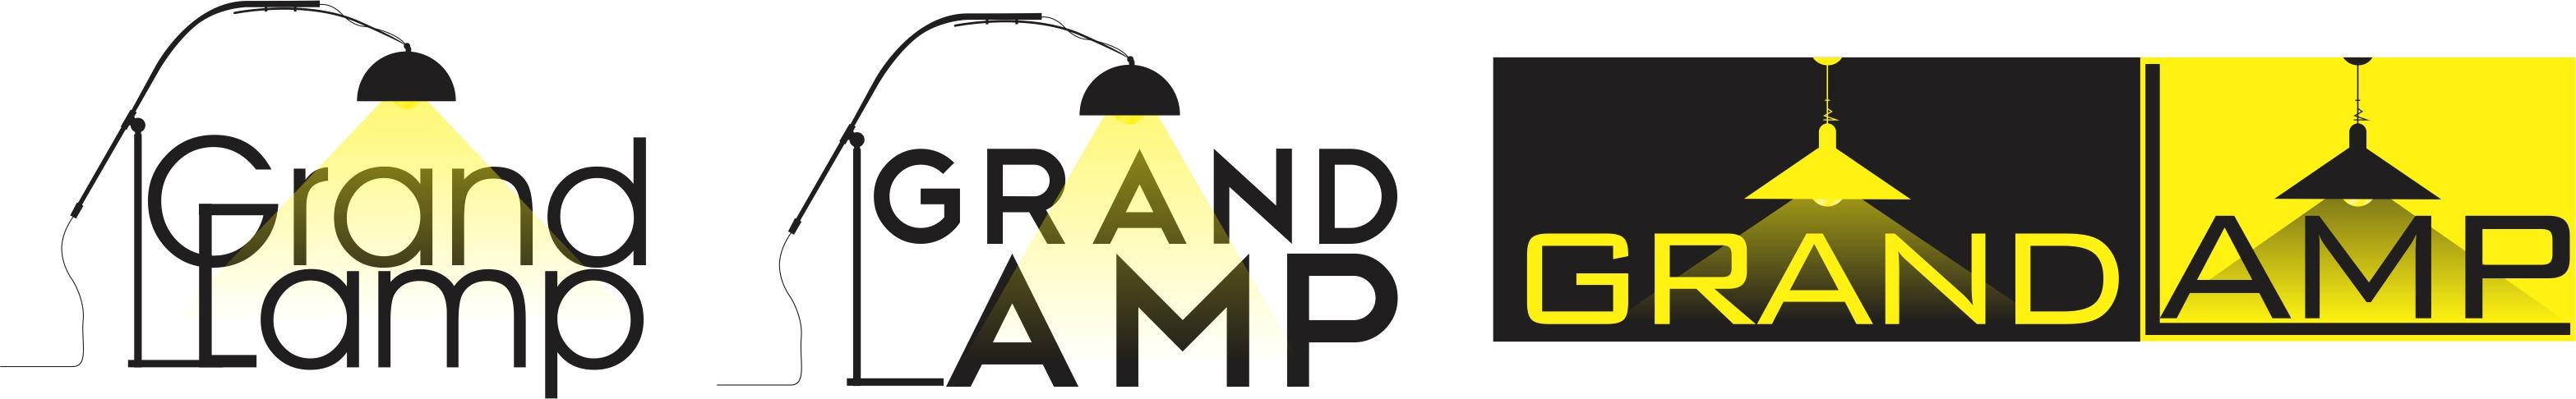 Разработка логотипа и элементов фирменного стиля фото f_71857dddce890bba.jpg